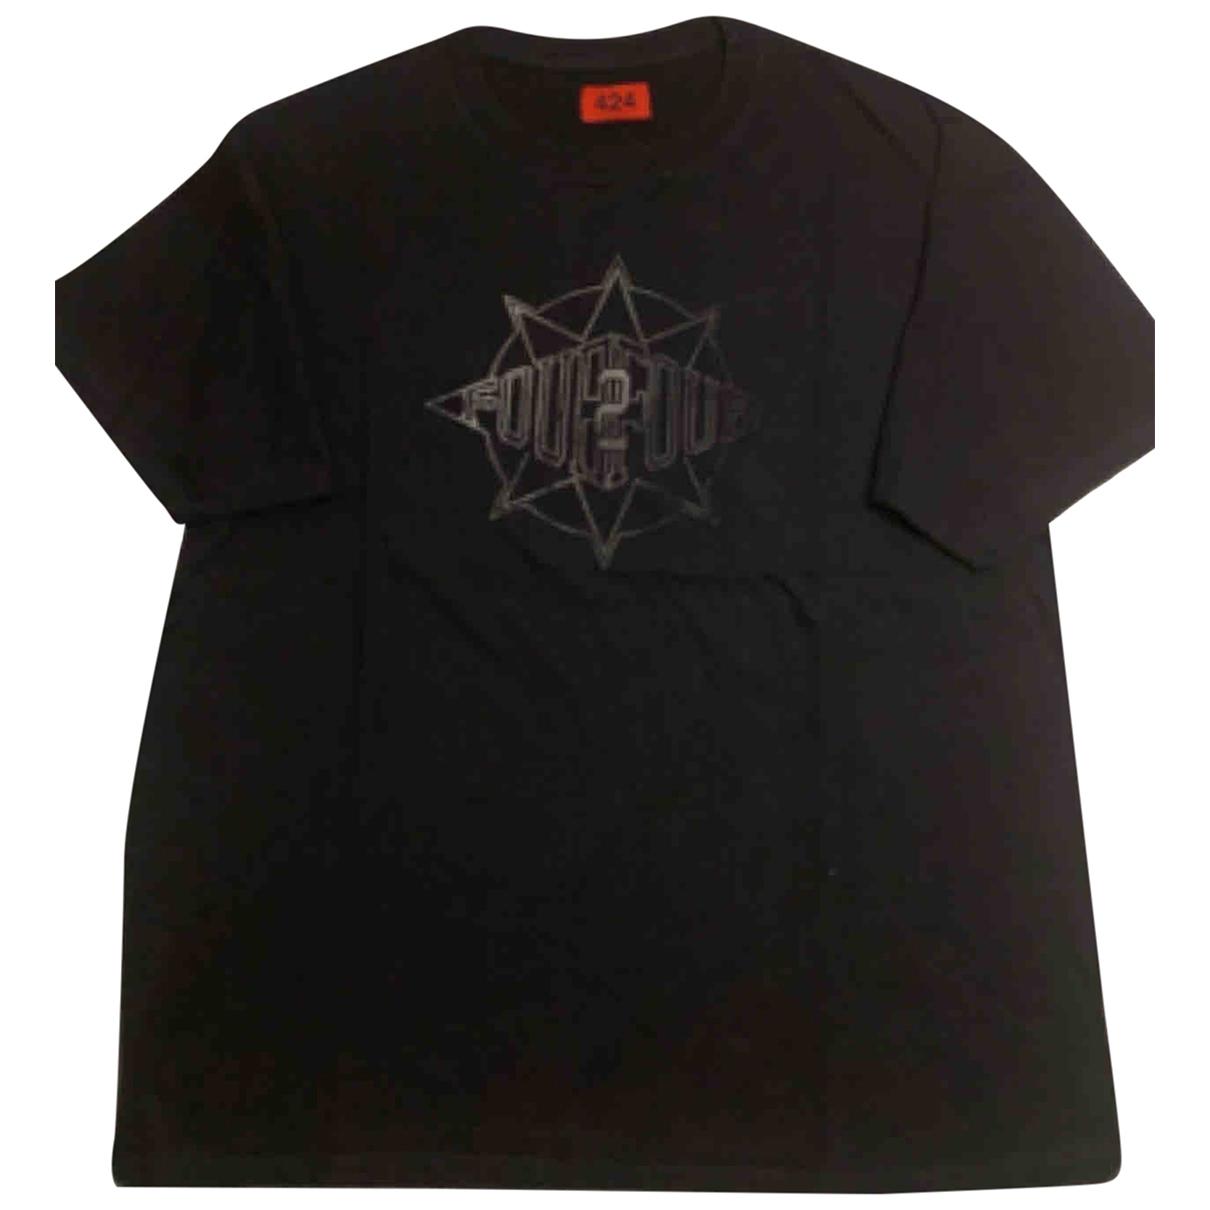 424 - Tee shirts   pour homme en coton - noir